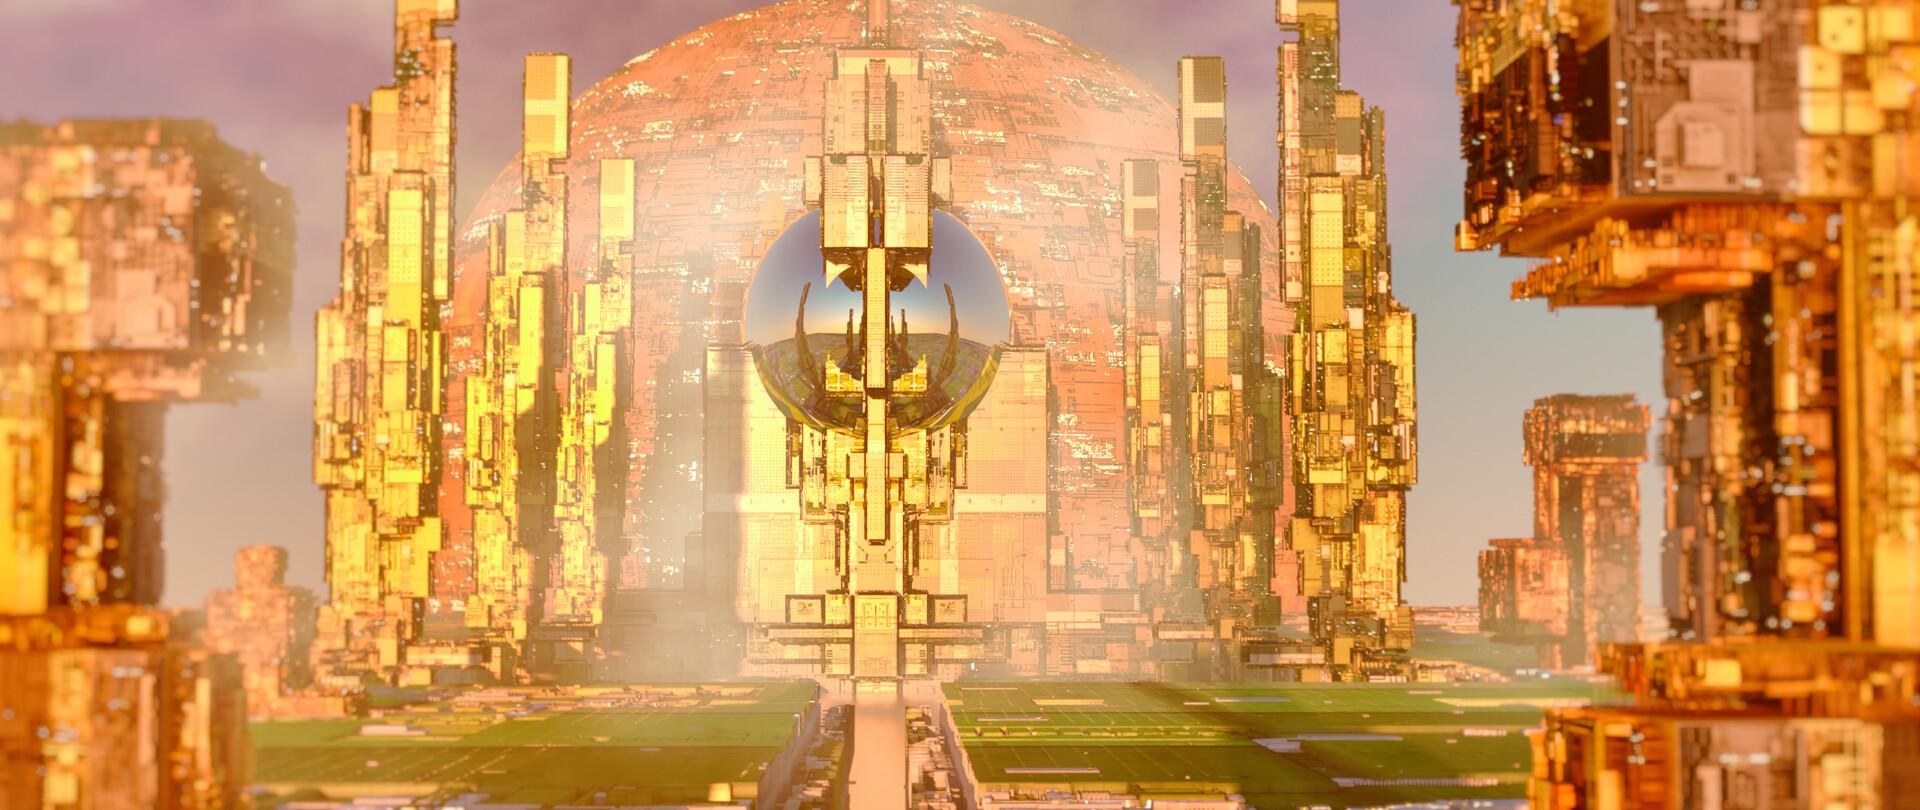 Ben nicholas bennicholas haven 01